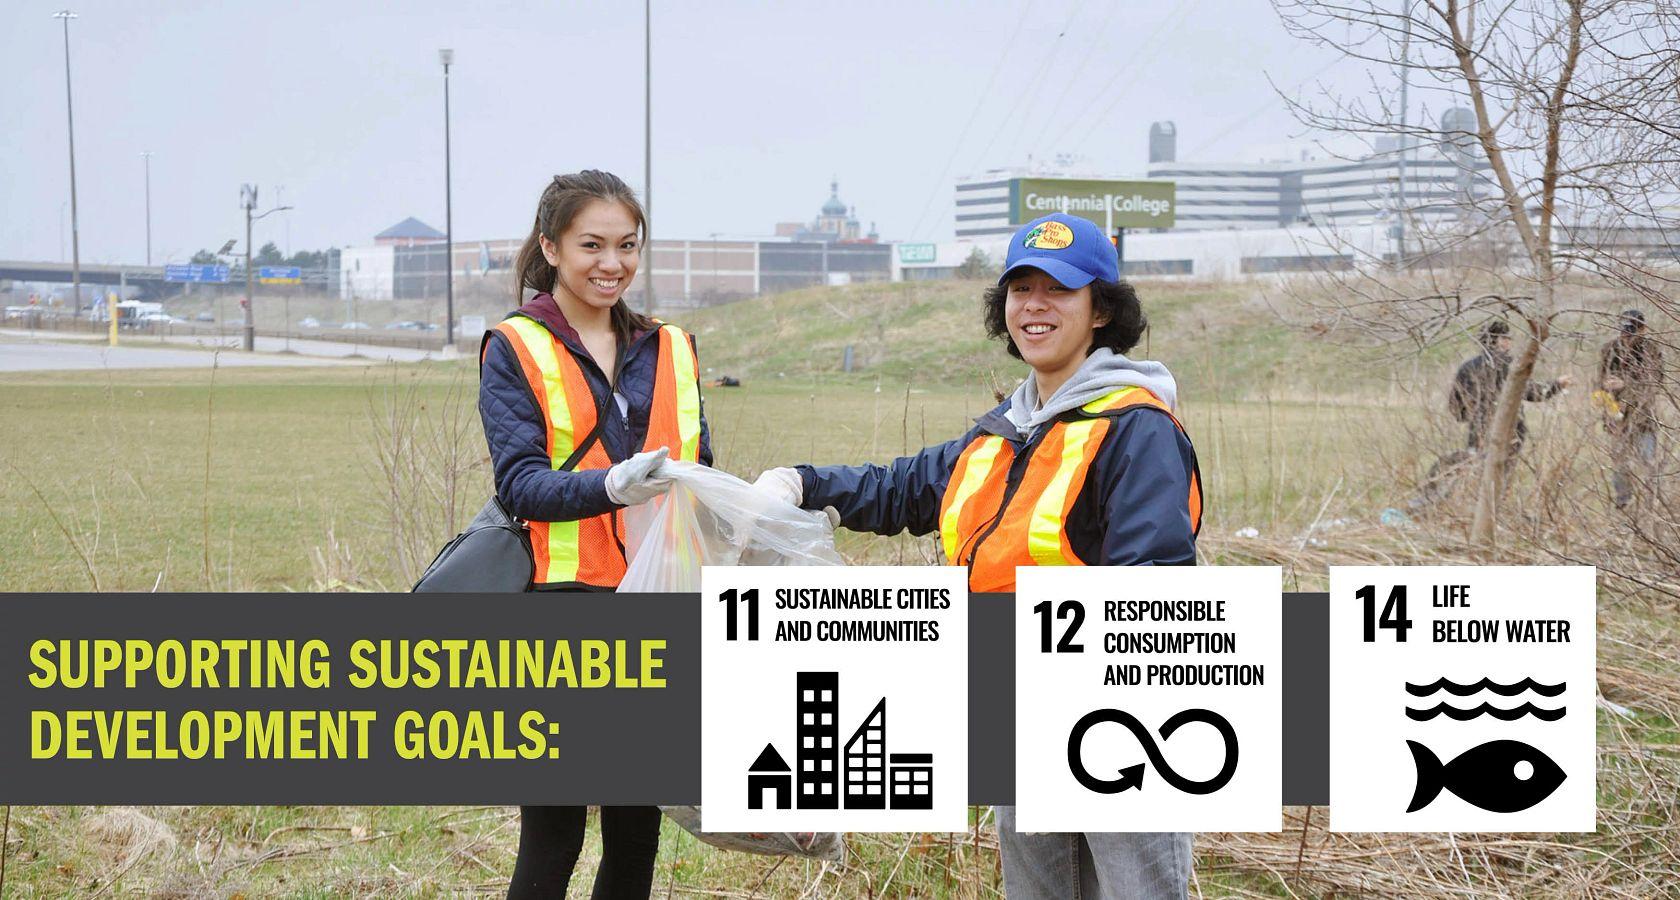 Sustainability-Waste-Reduction.jpg